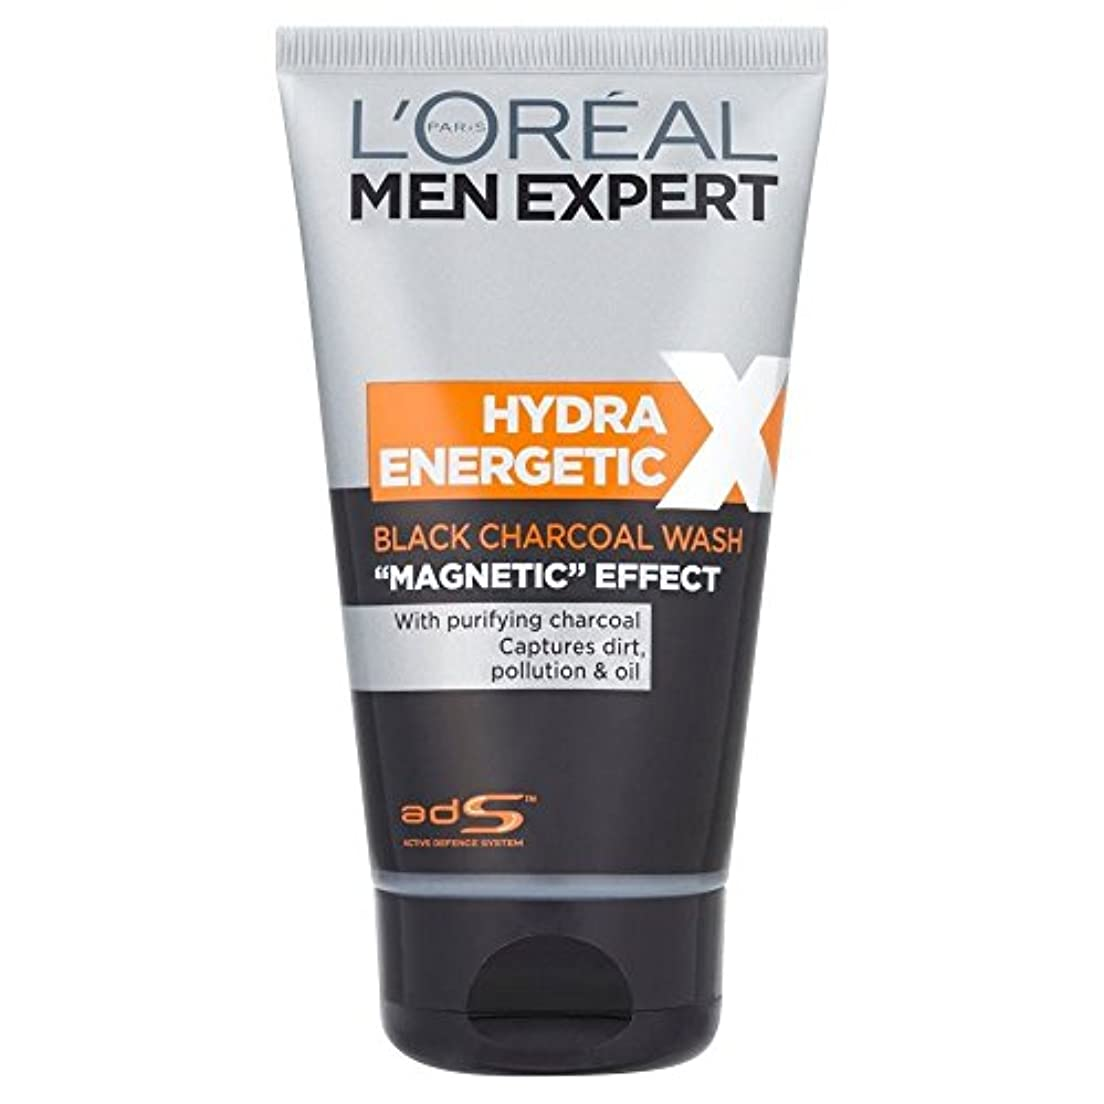 支払い大宇宙ささやきL'Oreal Paris Men Expert Hydra Energetic Daily Purifying Wash (150ml) L'オラ?アルパリのメンズ専門ヒドラエネルギッシュな毎日の浄化洗浄( 150ミリリットル)